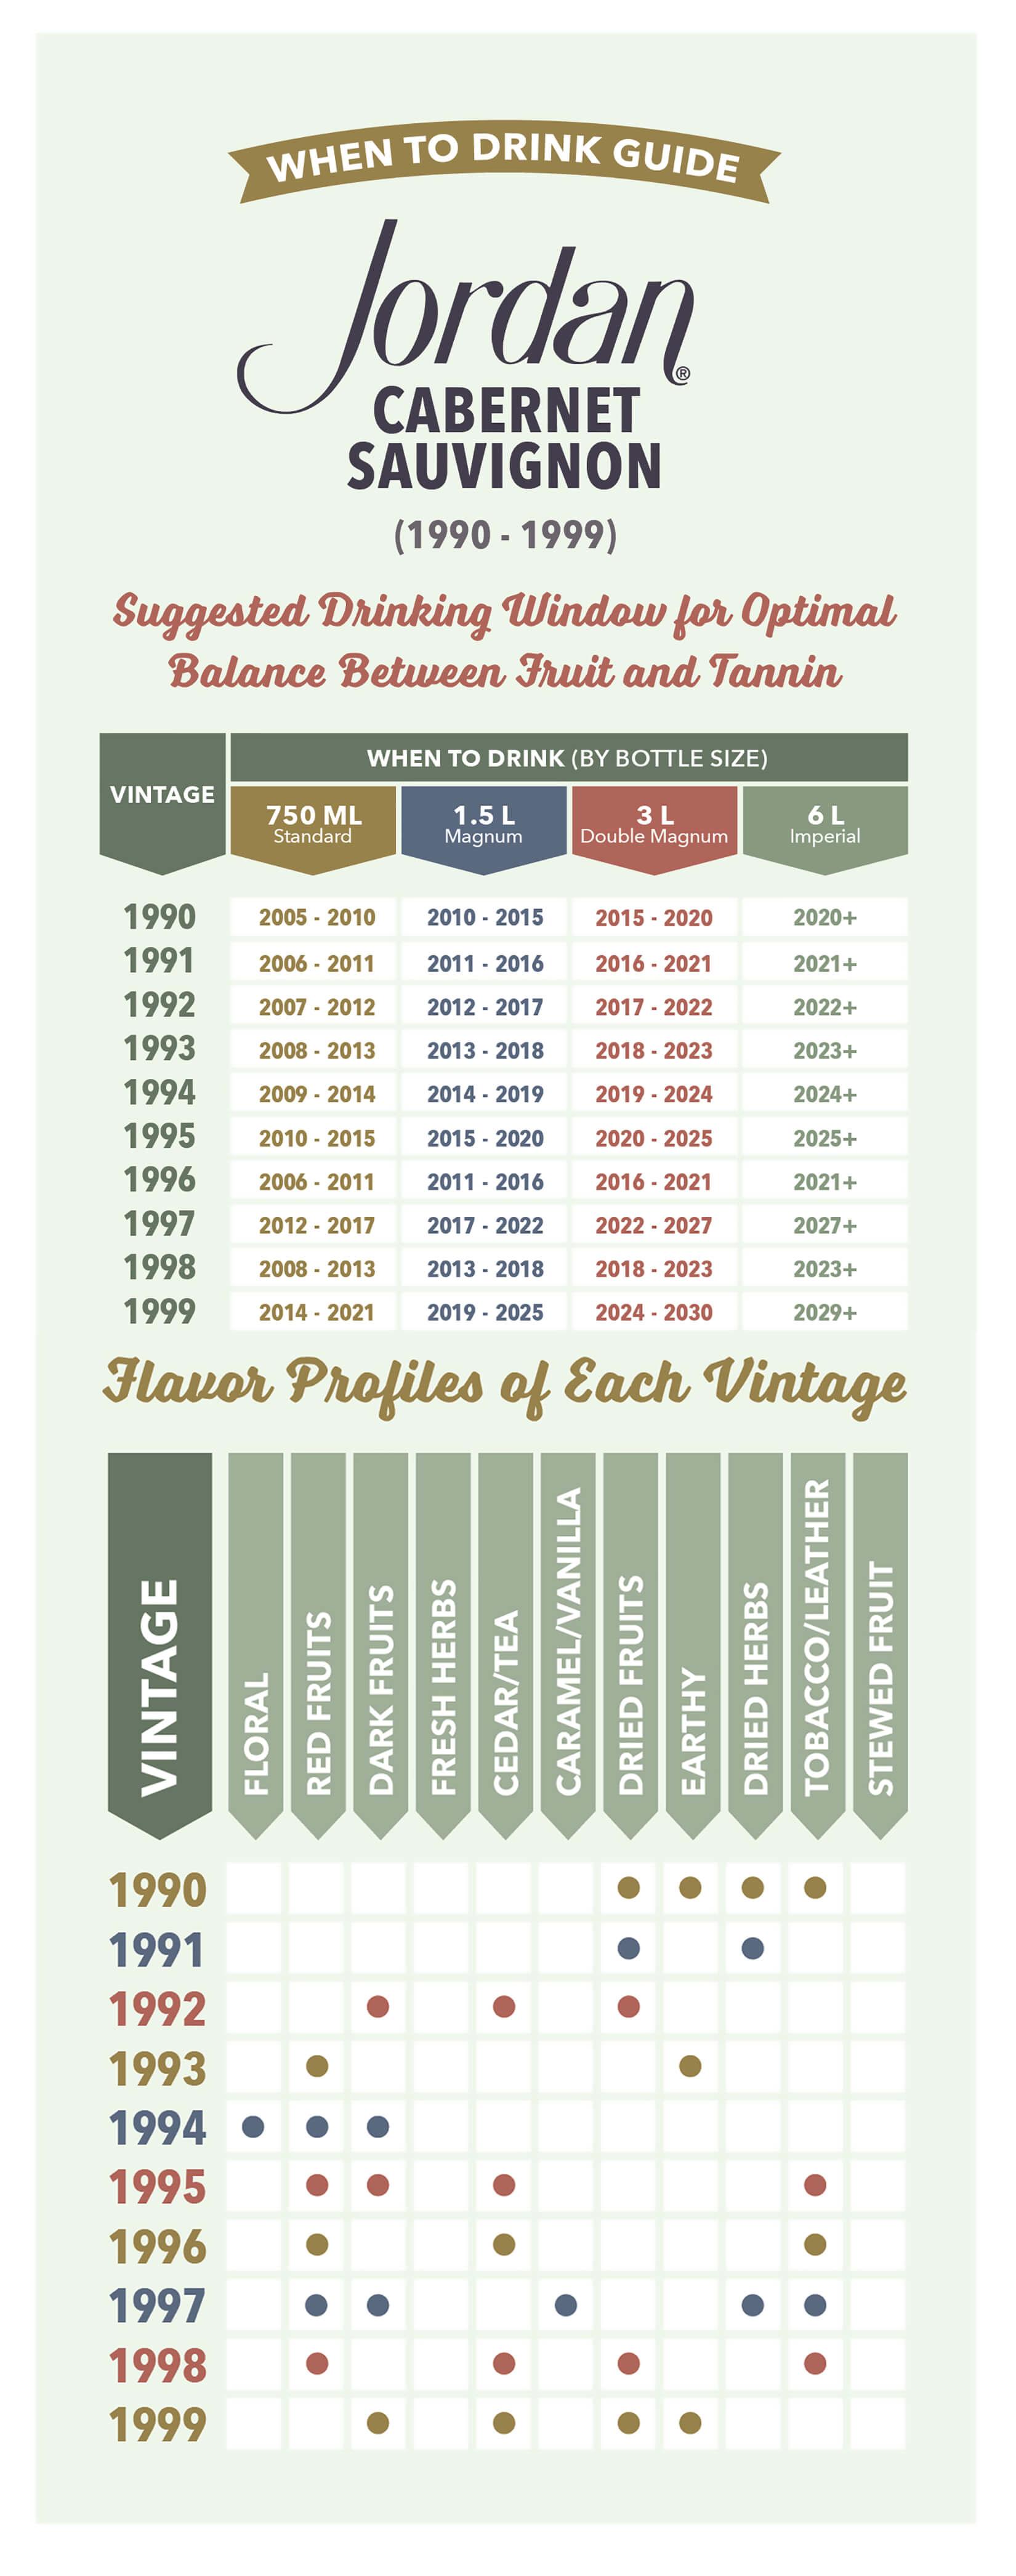 Jordan Cabernet Sauvignon wine vintage chart 1990-1999